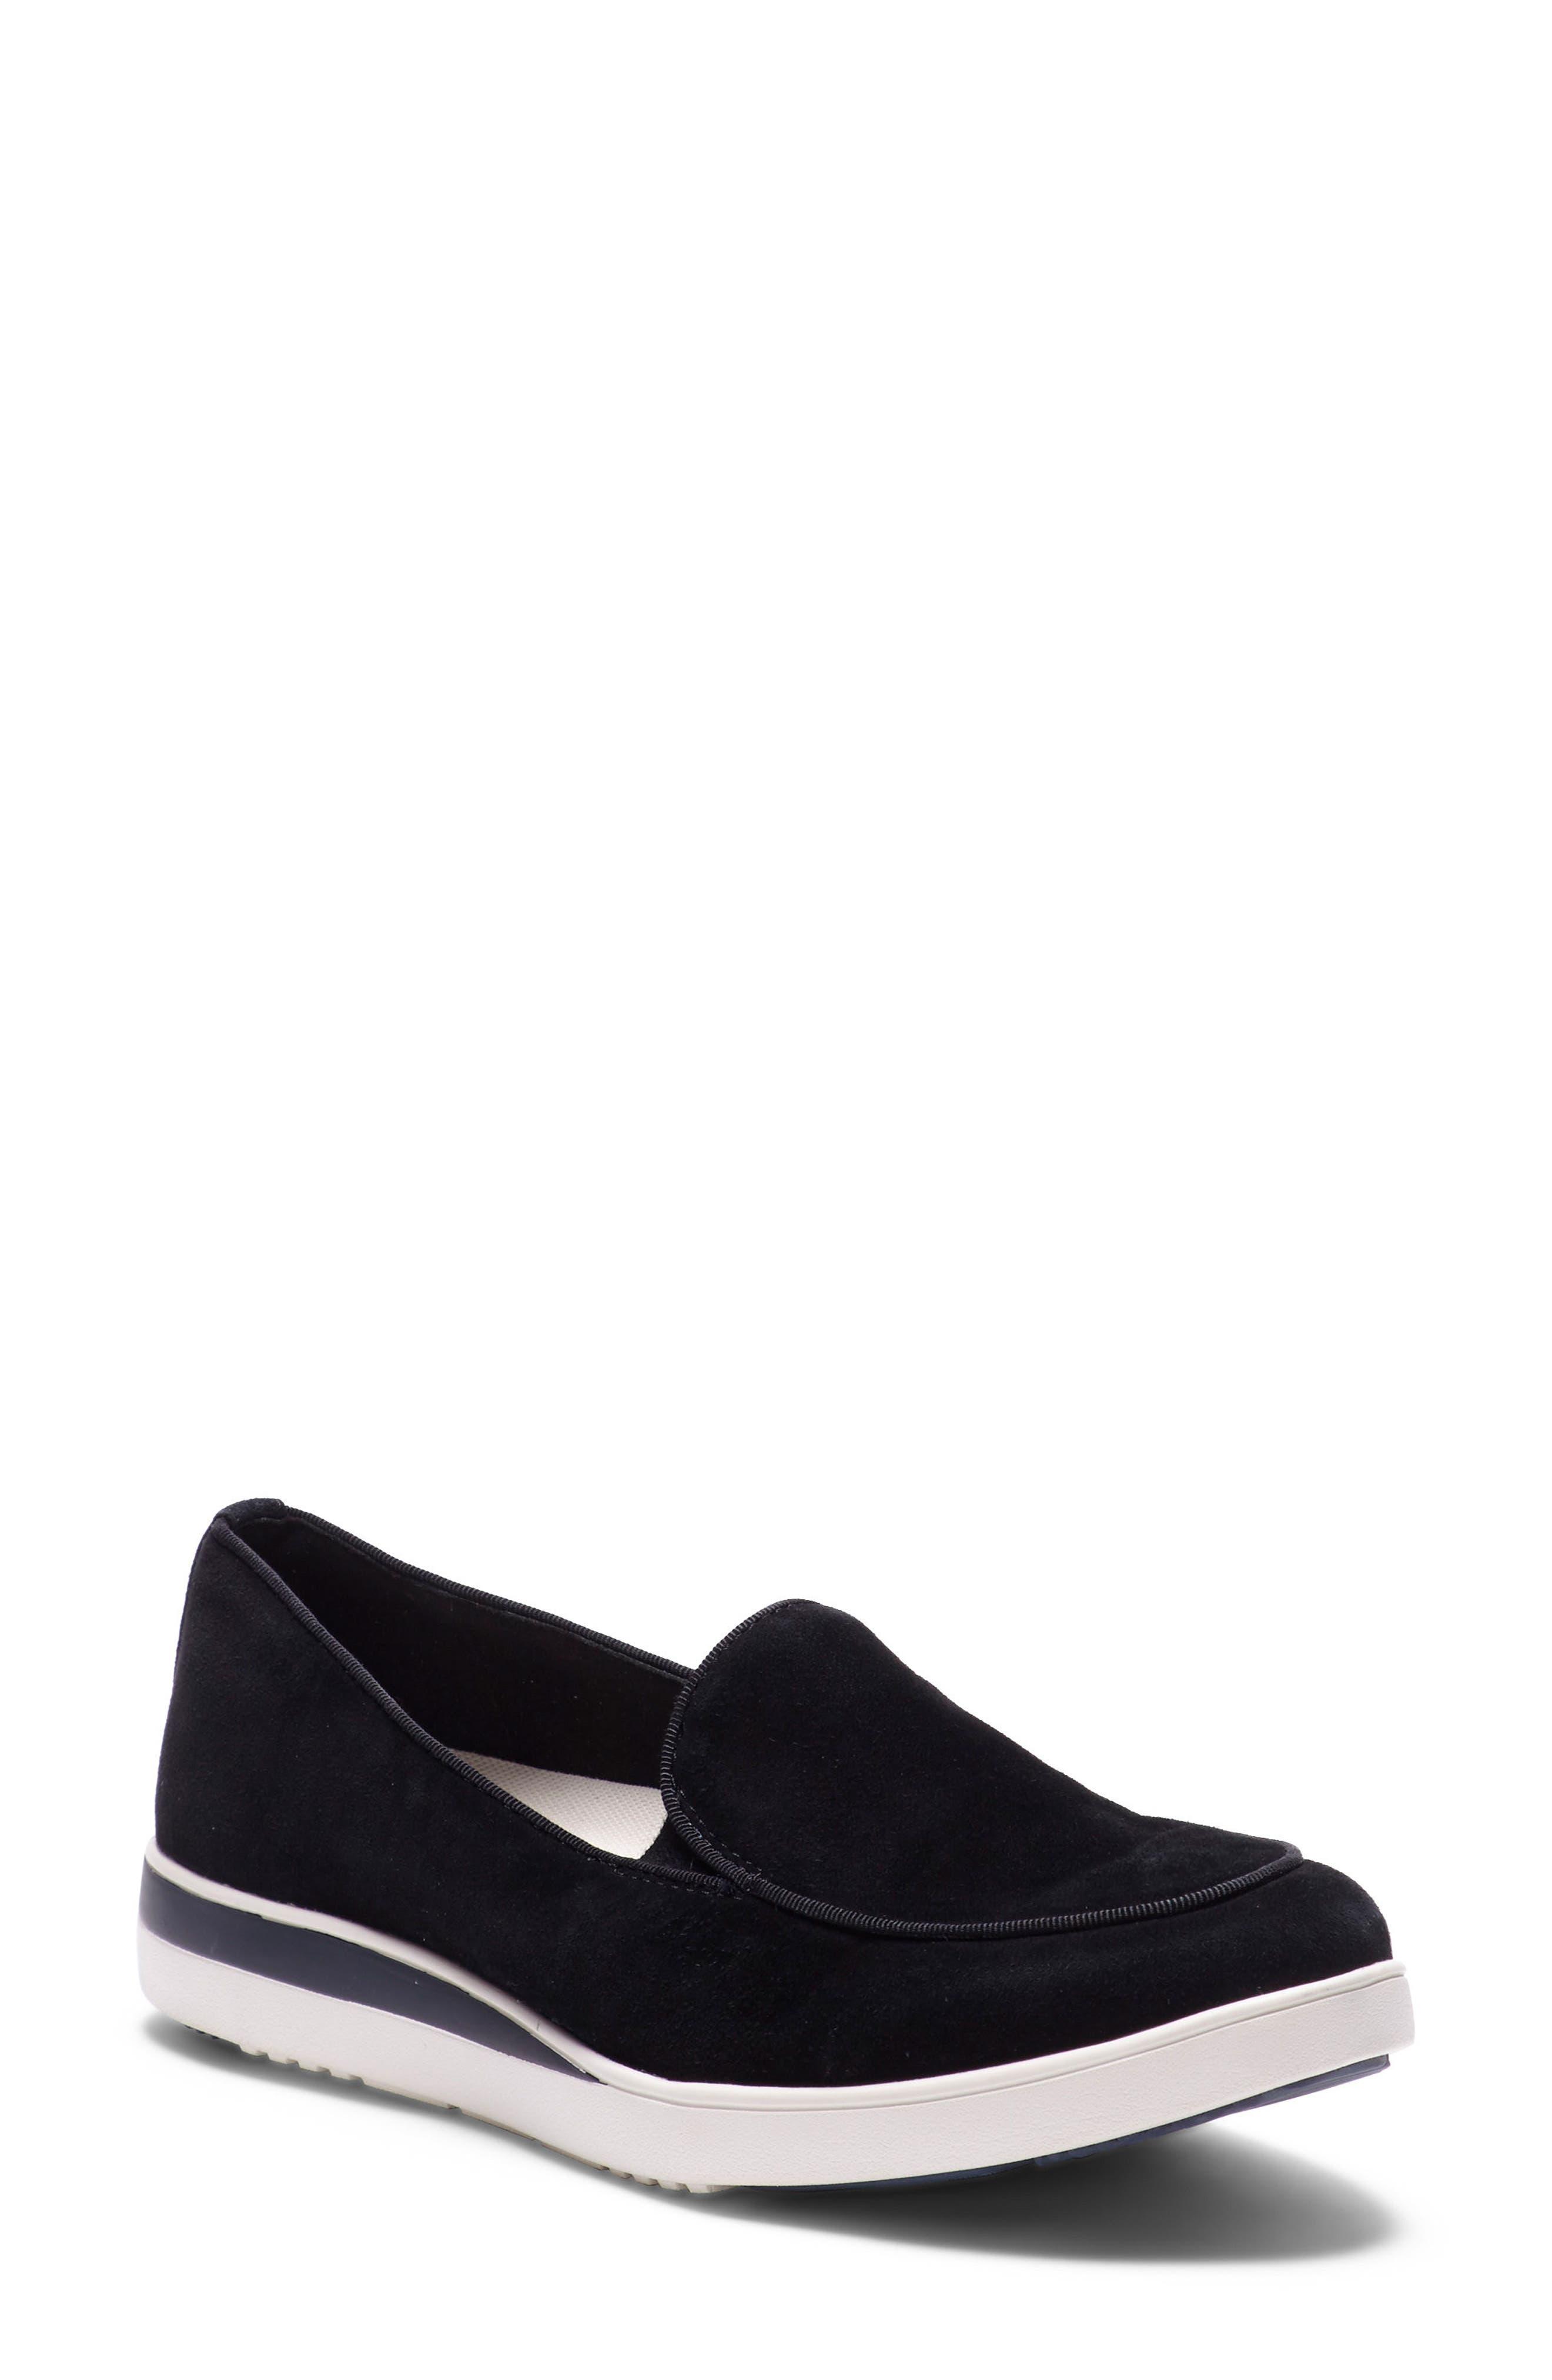 Antona Slip-On Sneaker,                         Main,                         color, 002